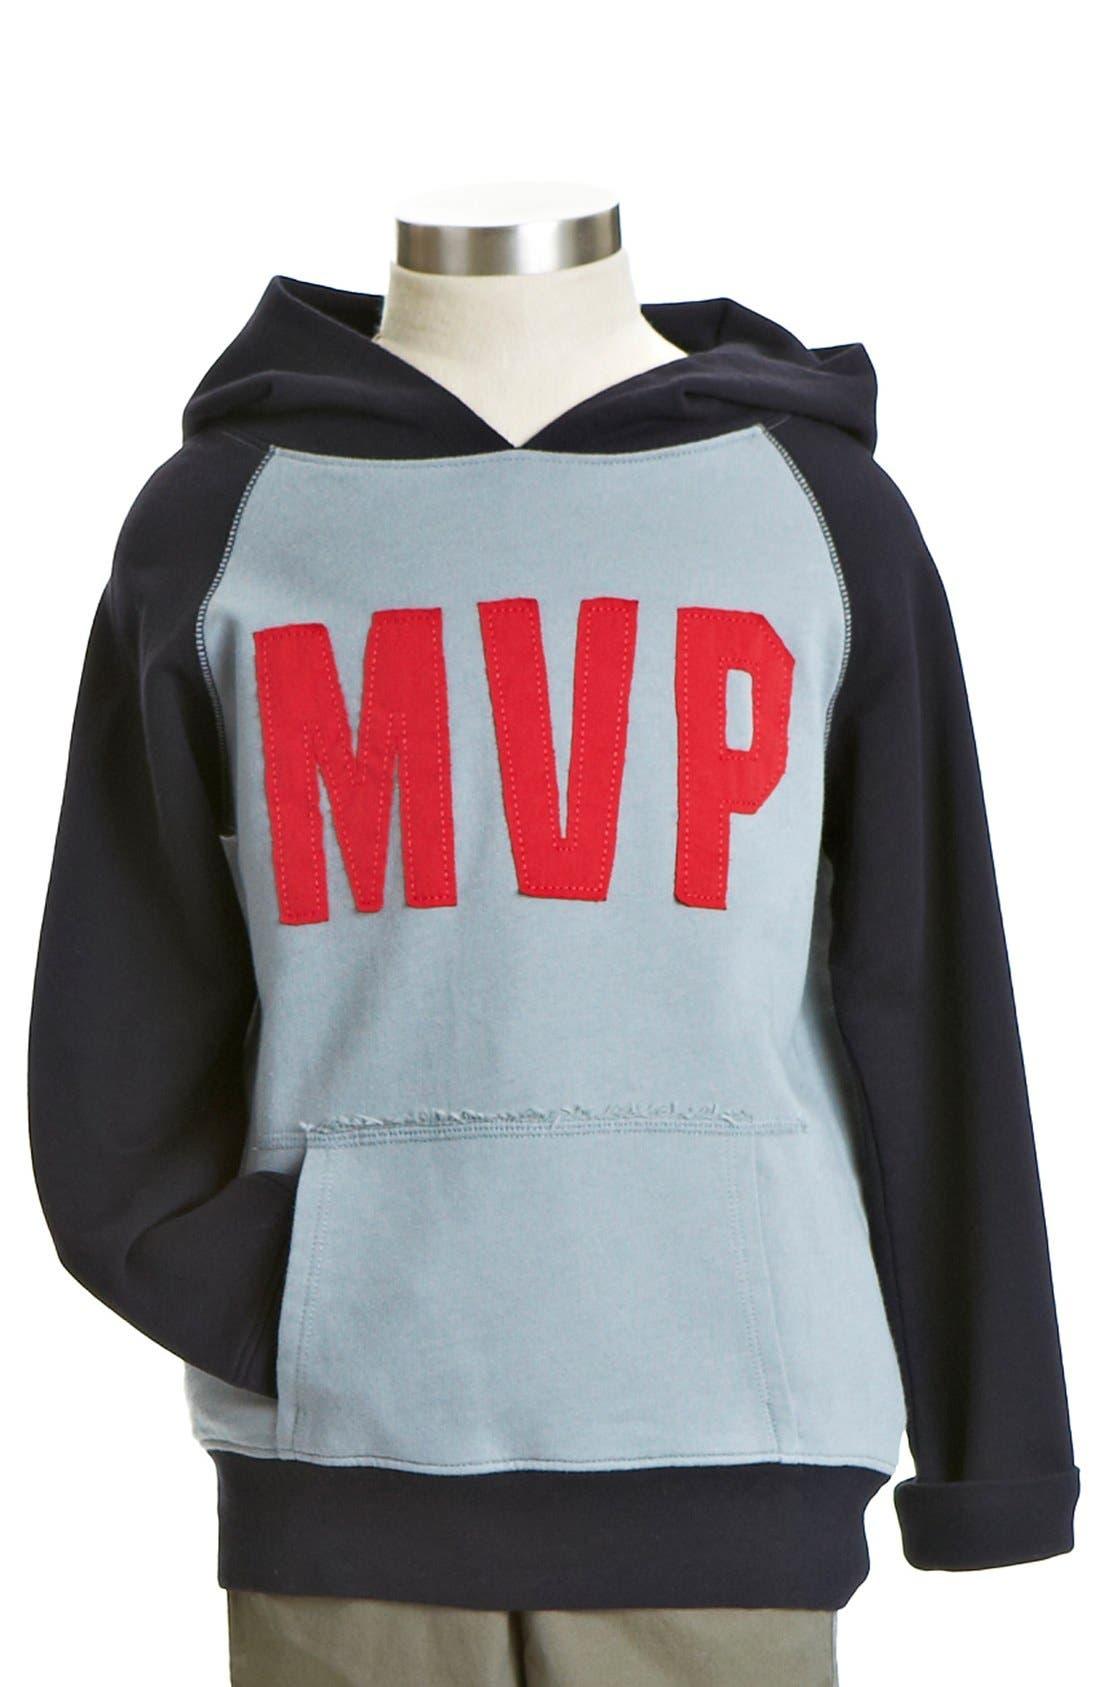 Alternate Image 1 Selected - Peek 'MVP' Hoodie (Toddler Boys, Little Boys & Big Boys)